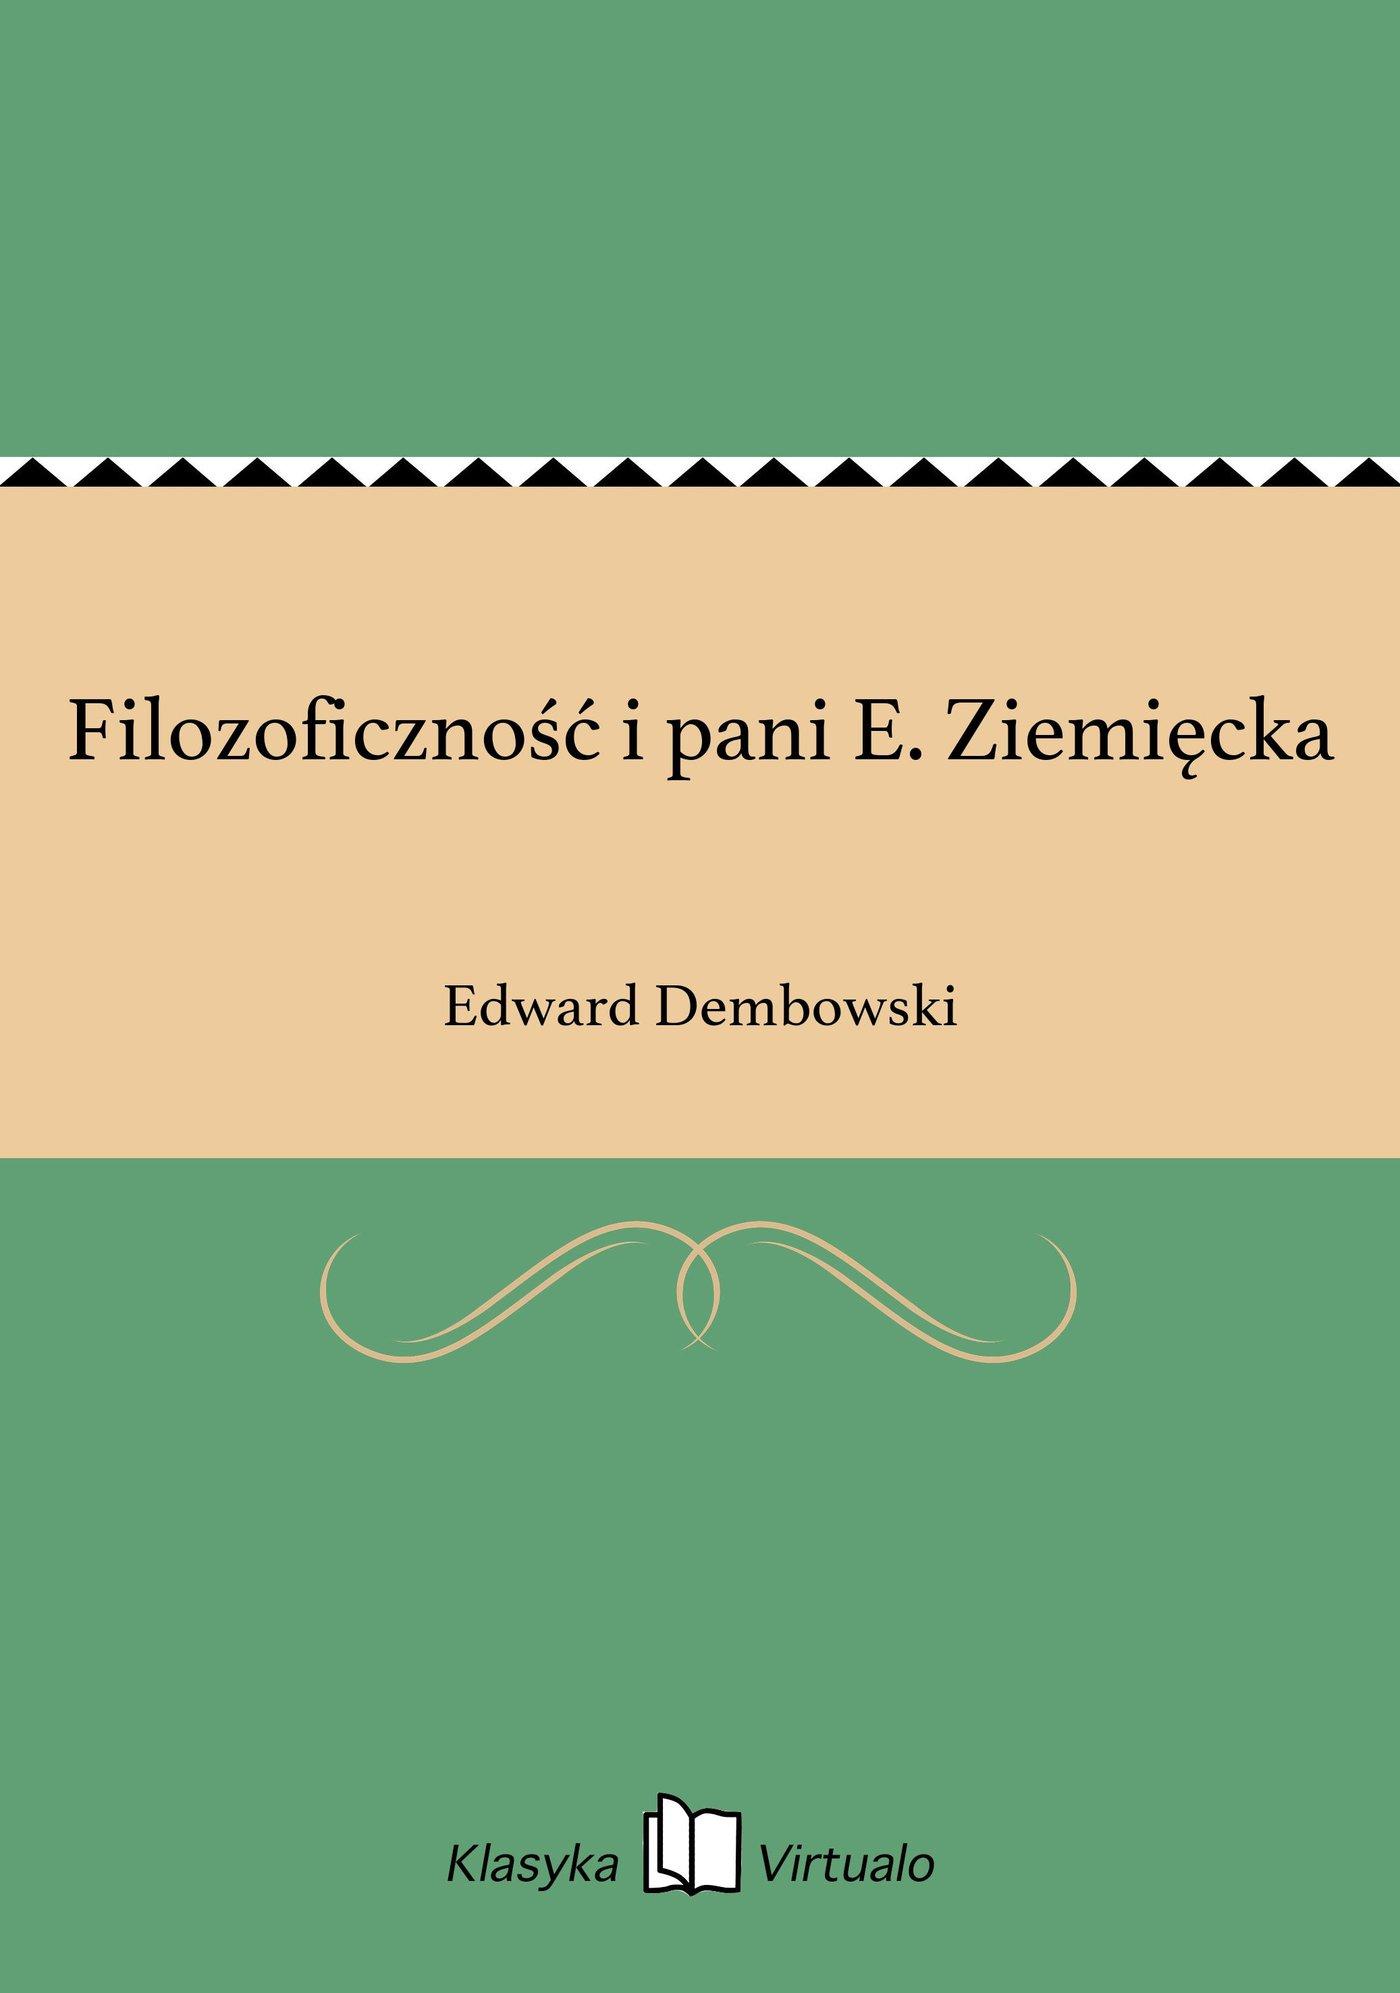 Filozoficzność i pani E. Ziemięcka - Ebook (Książka EPUB) do pobrania w formacie EPUB